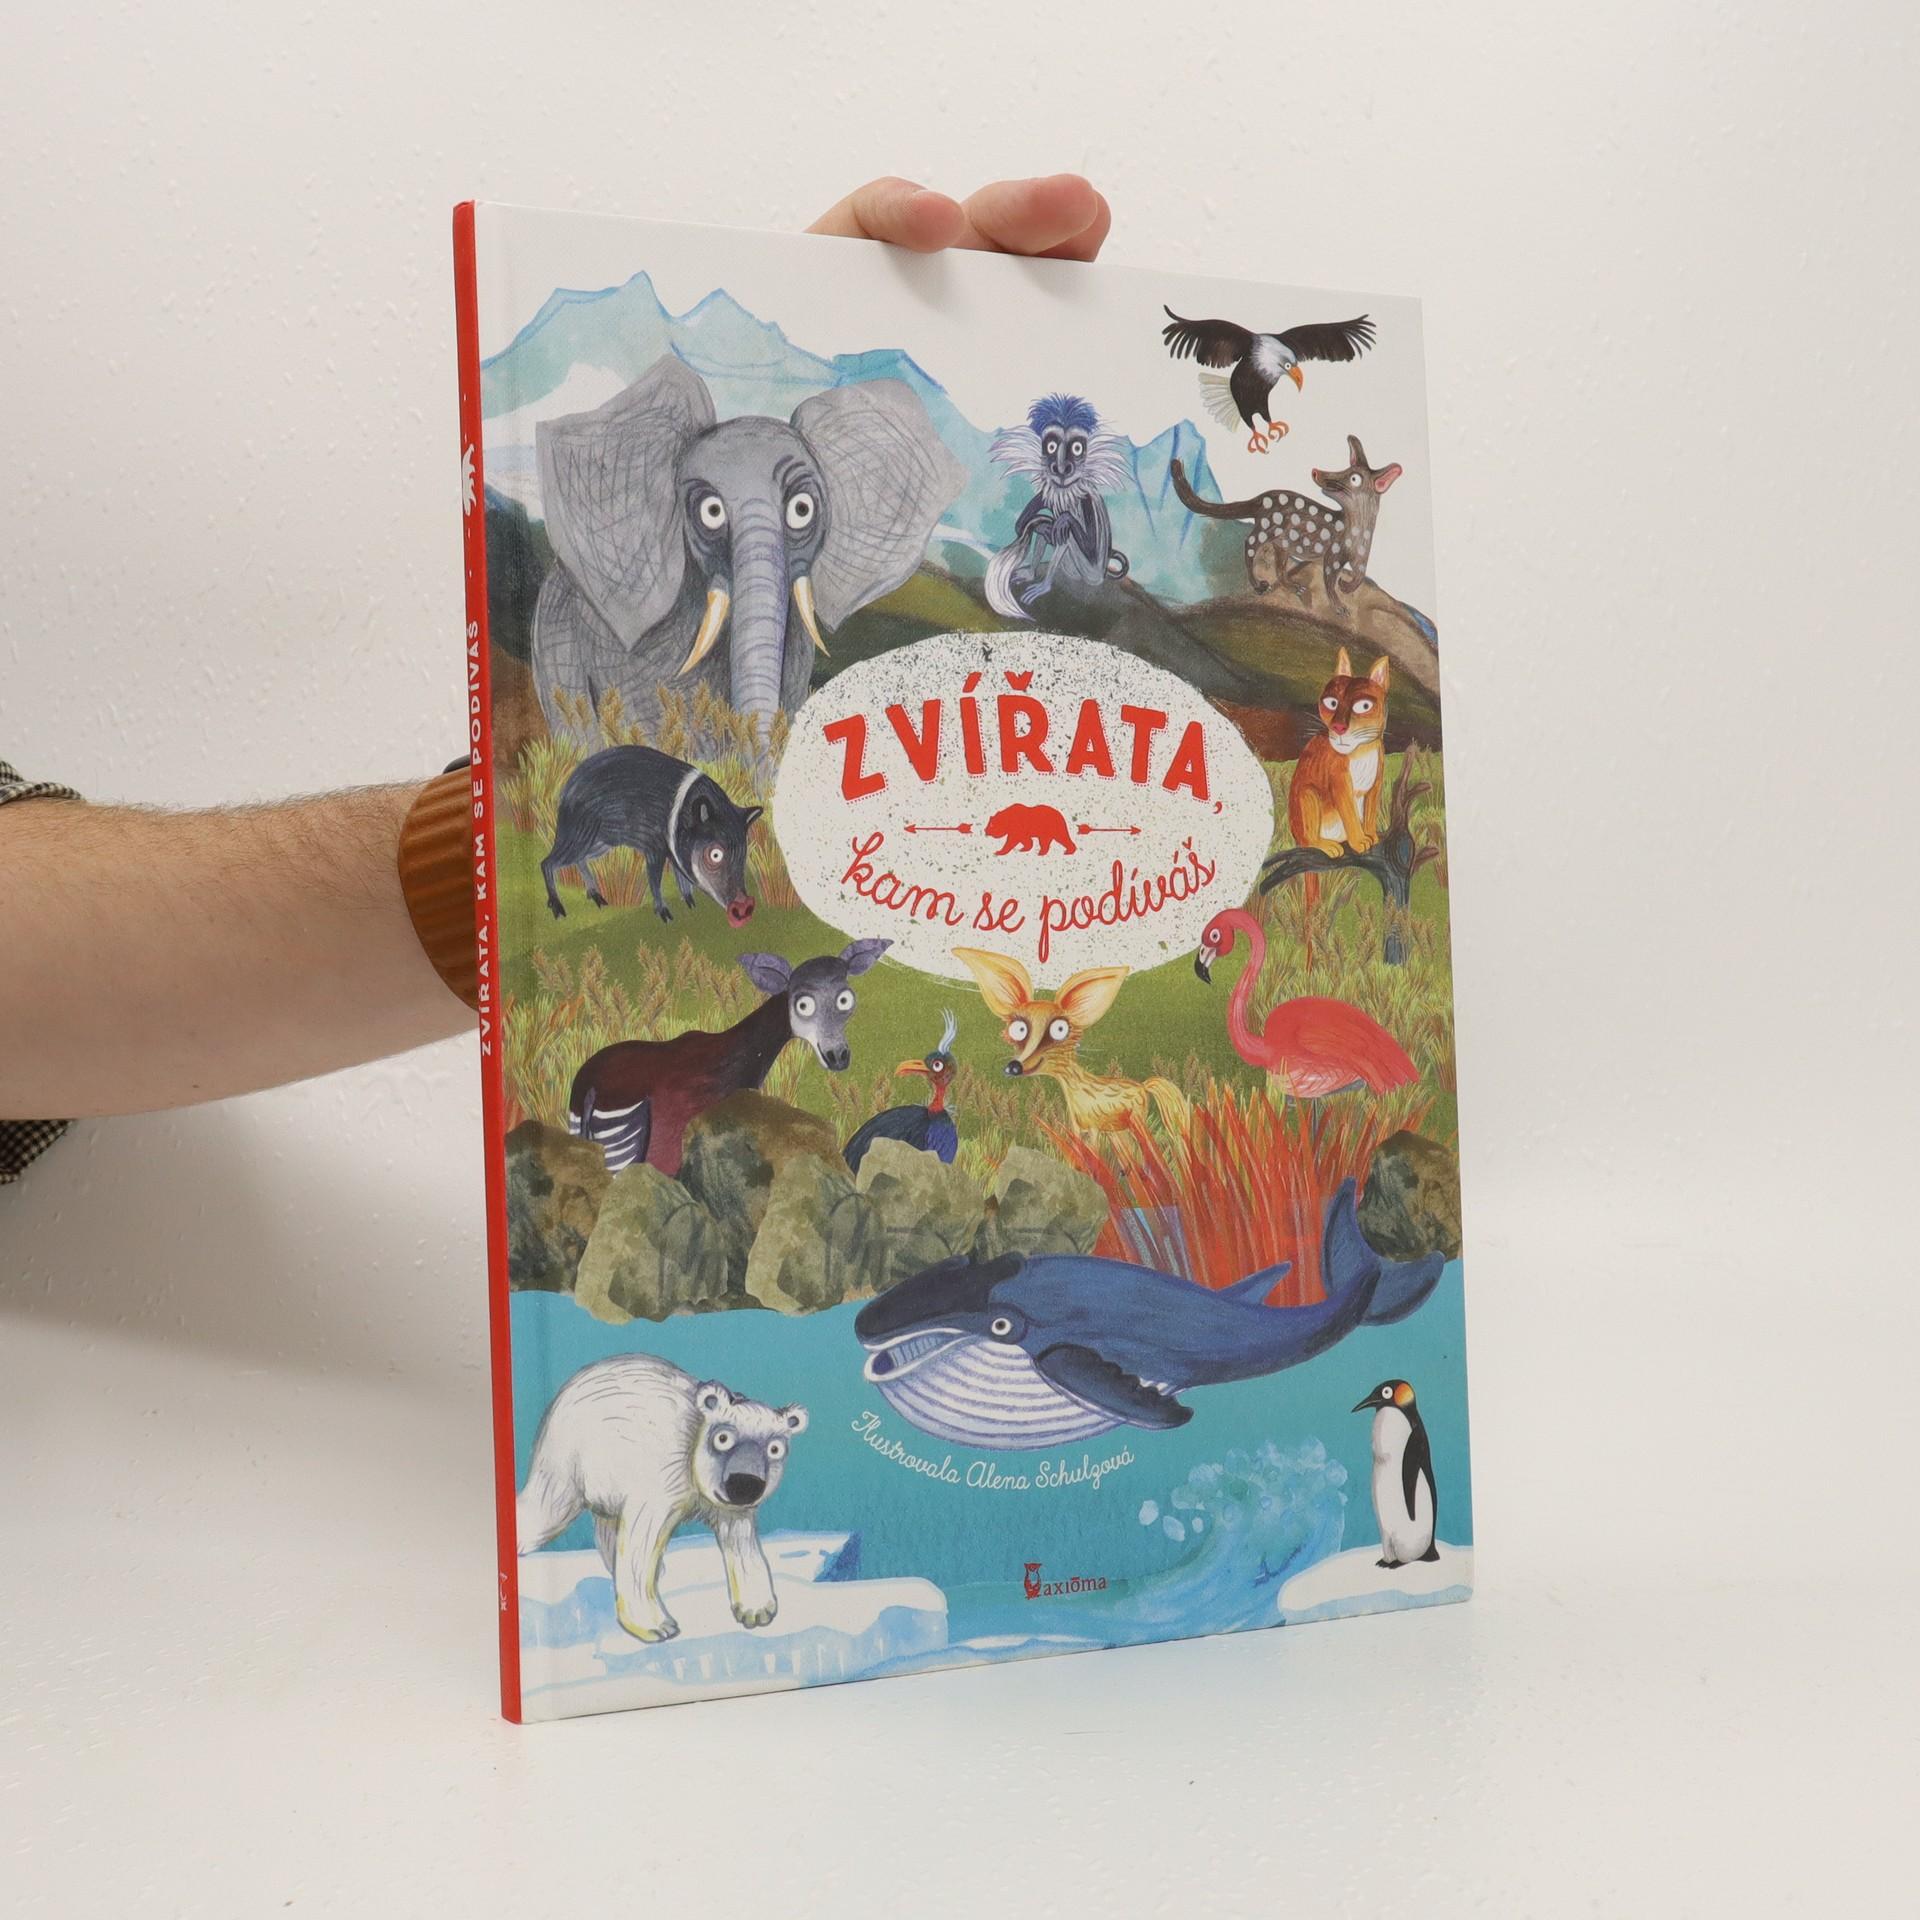 antikvární kniha Zvířata, kam se podíváš, 2017